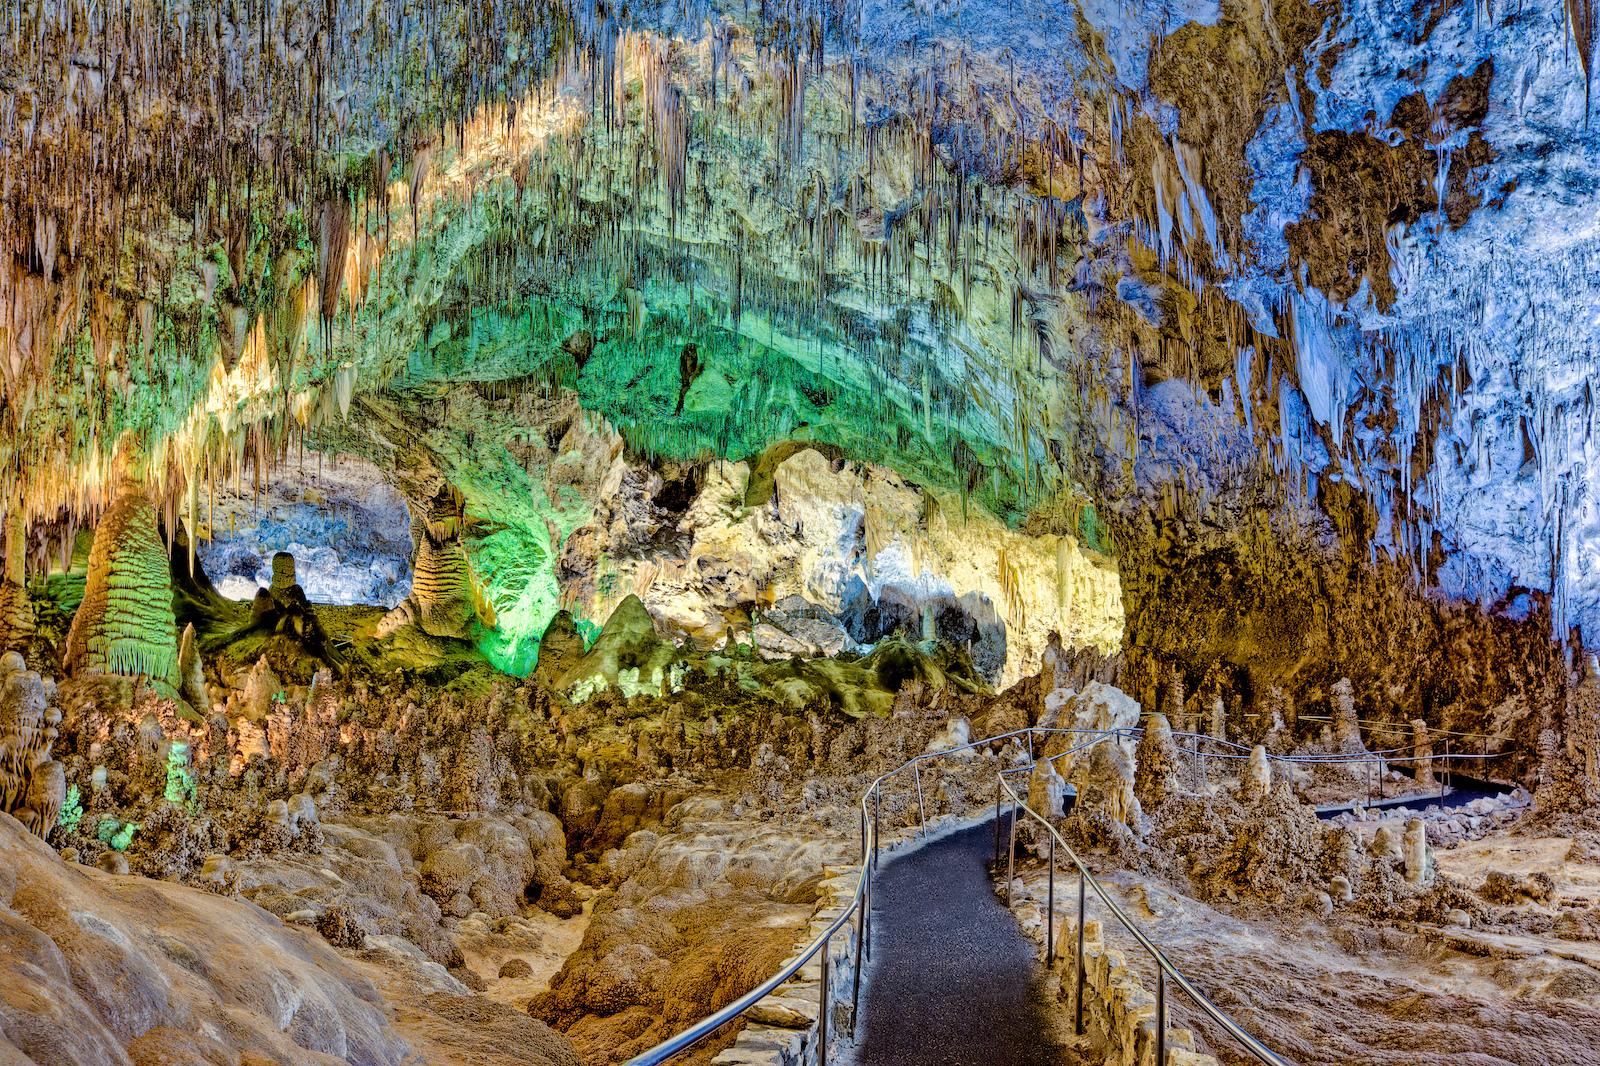 carlsbad-caverns-main-image